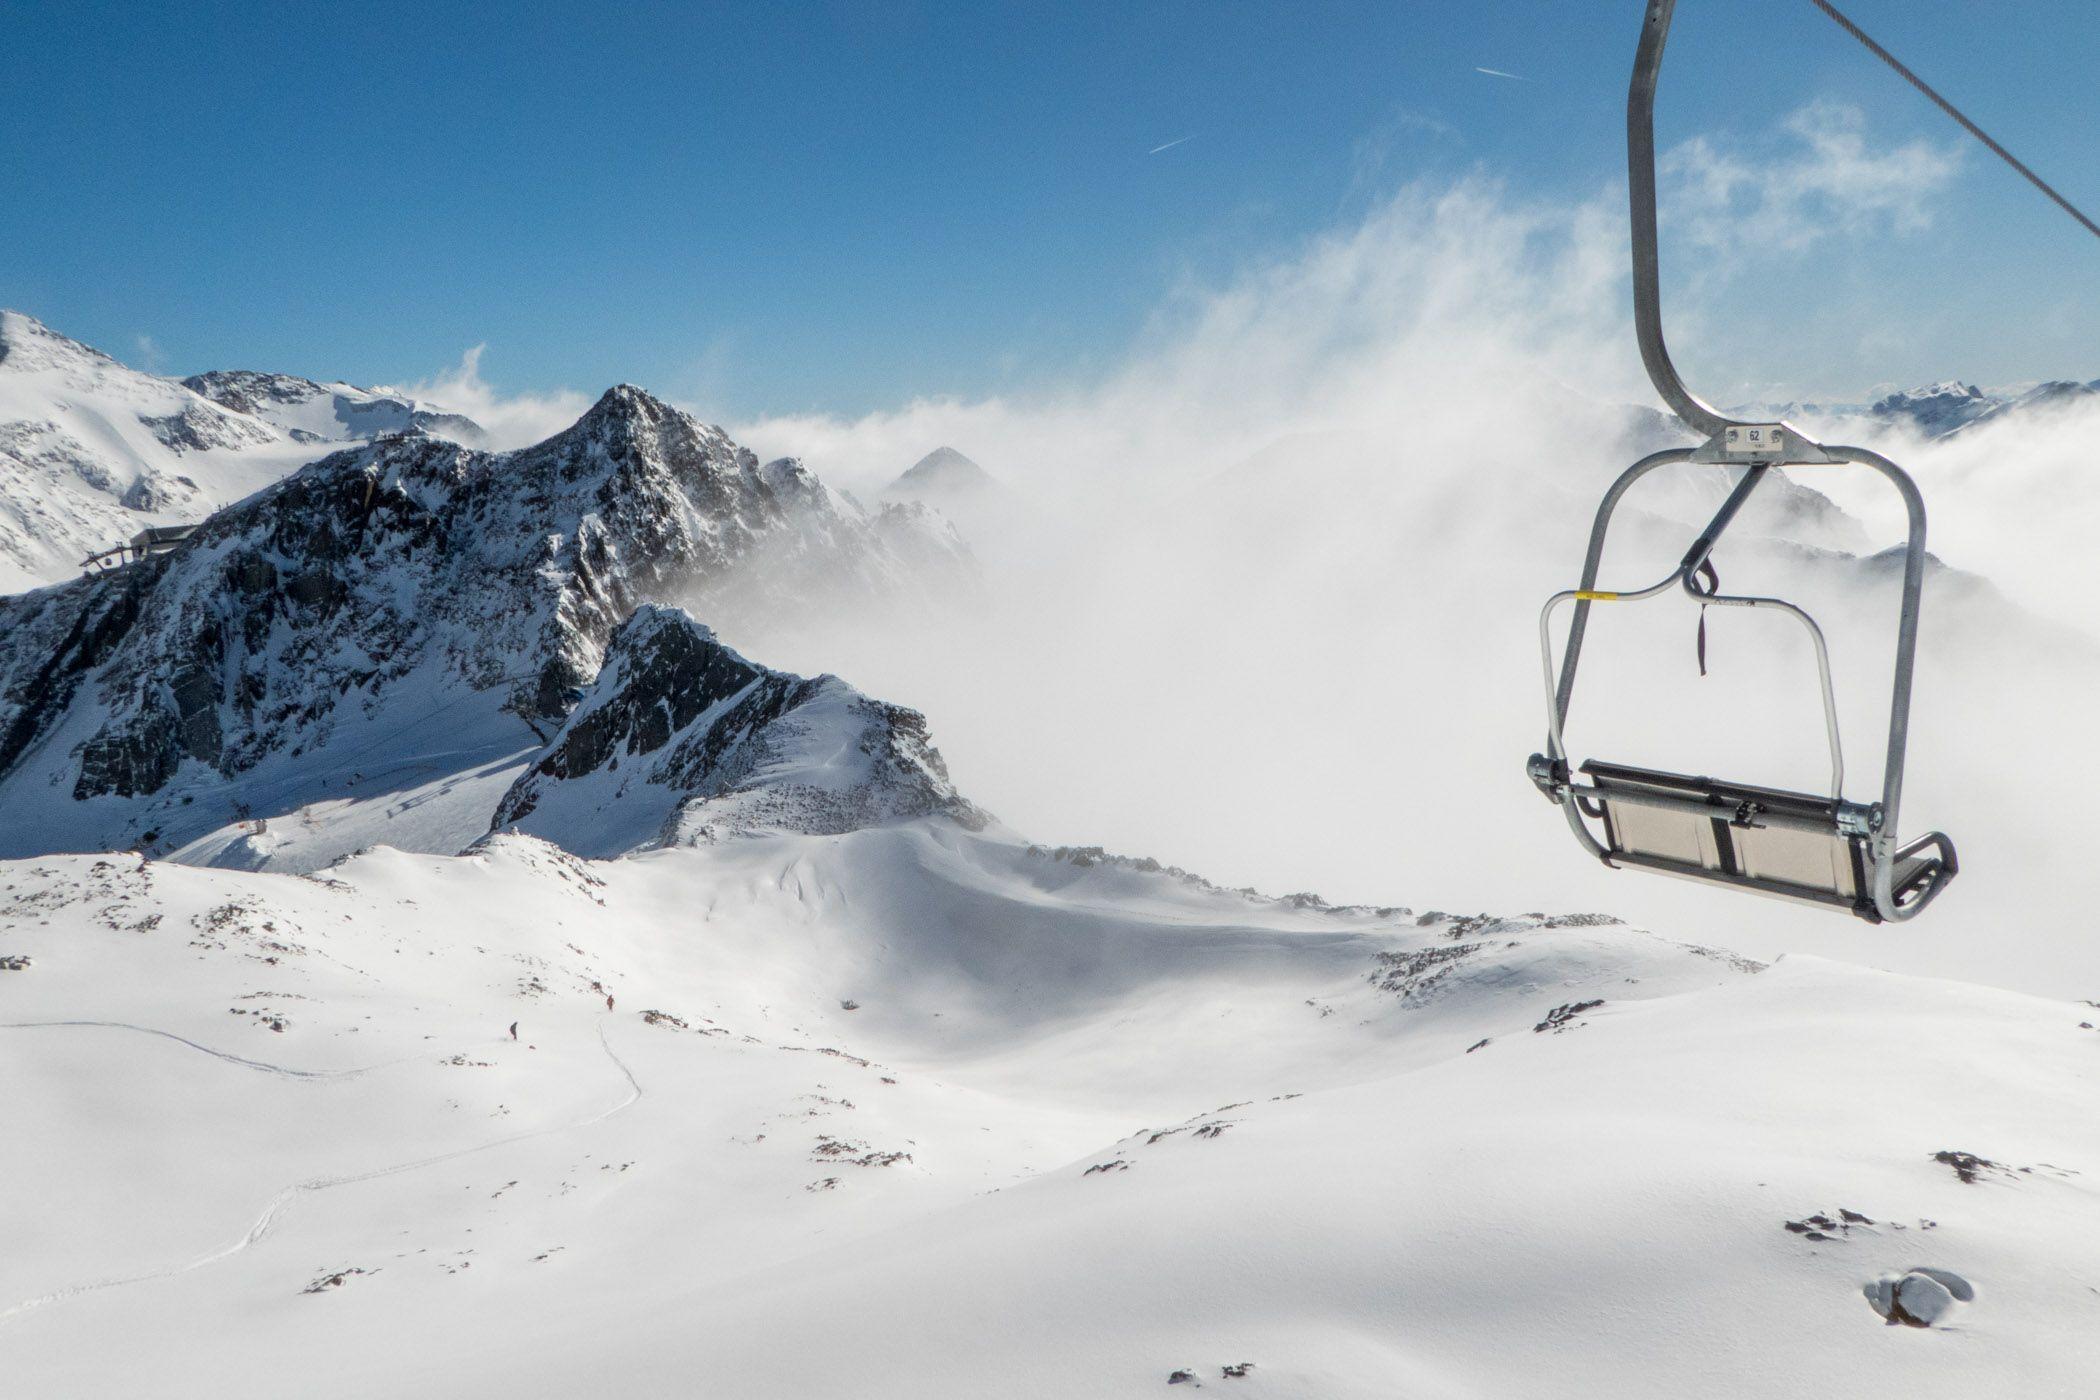 In dit artikel de tips om tijdens je wintersportvakantie mooiere foto's te maken. Over het fotograferen van sneeuw, het maken van actiefoto's en nog meer waar je rekening mee moet houden.